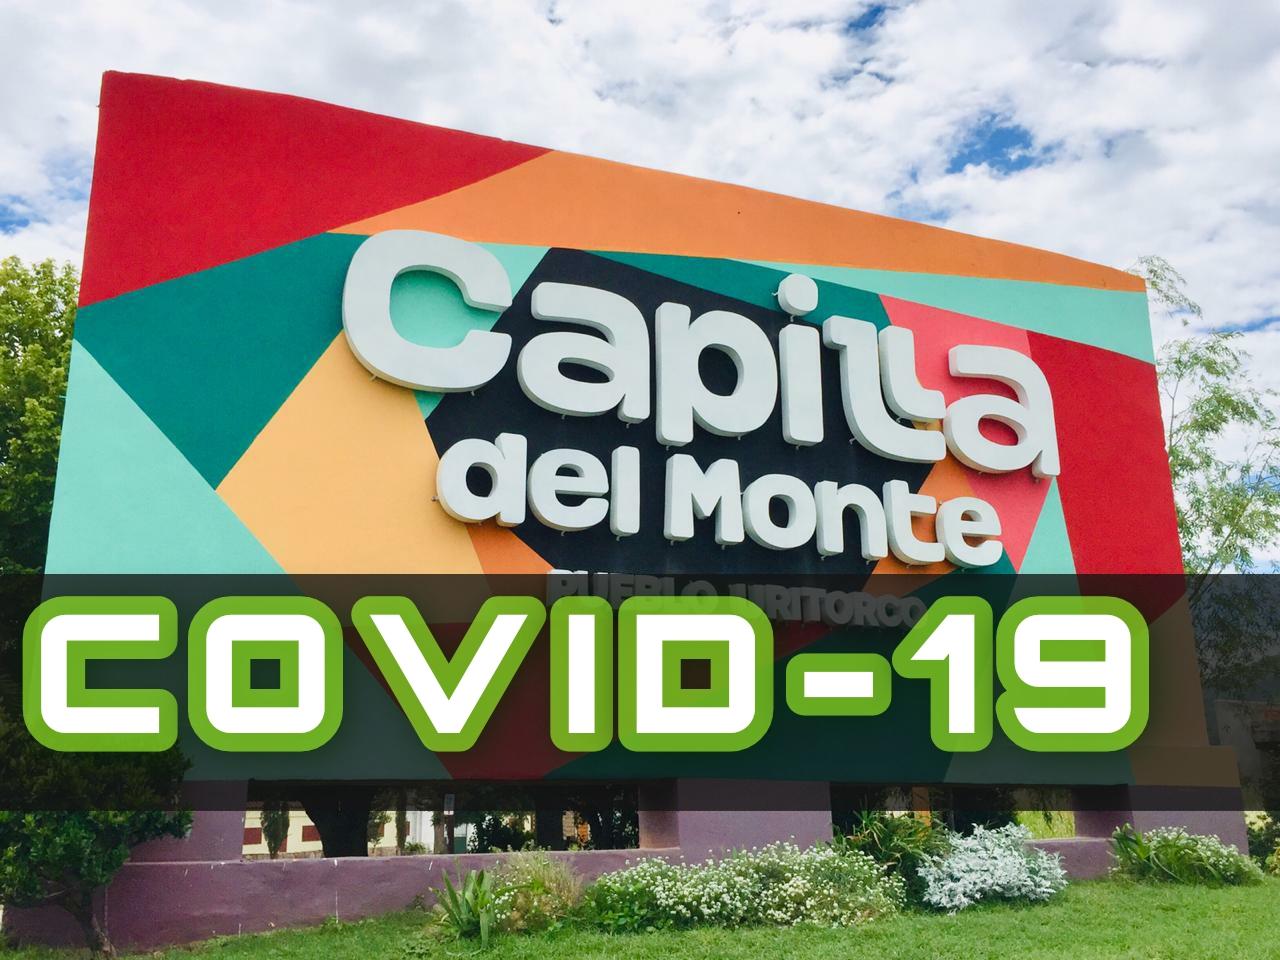 3 NUEVOS CASOS DE COVID -19 EN CAPILLA DEL MONTE